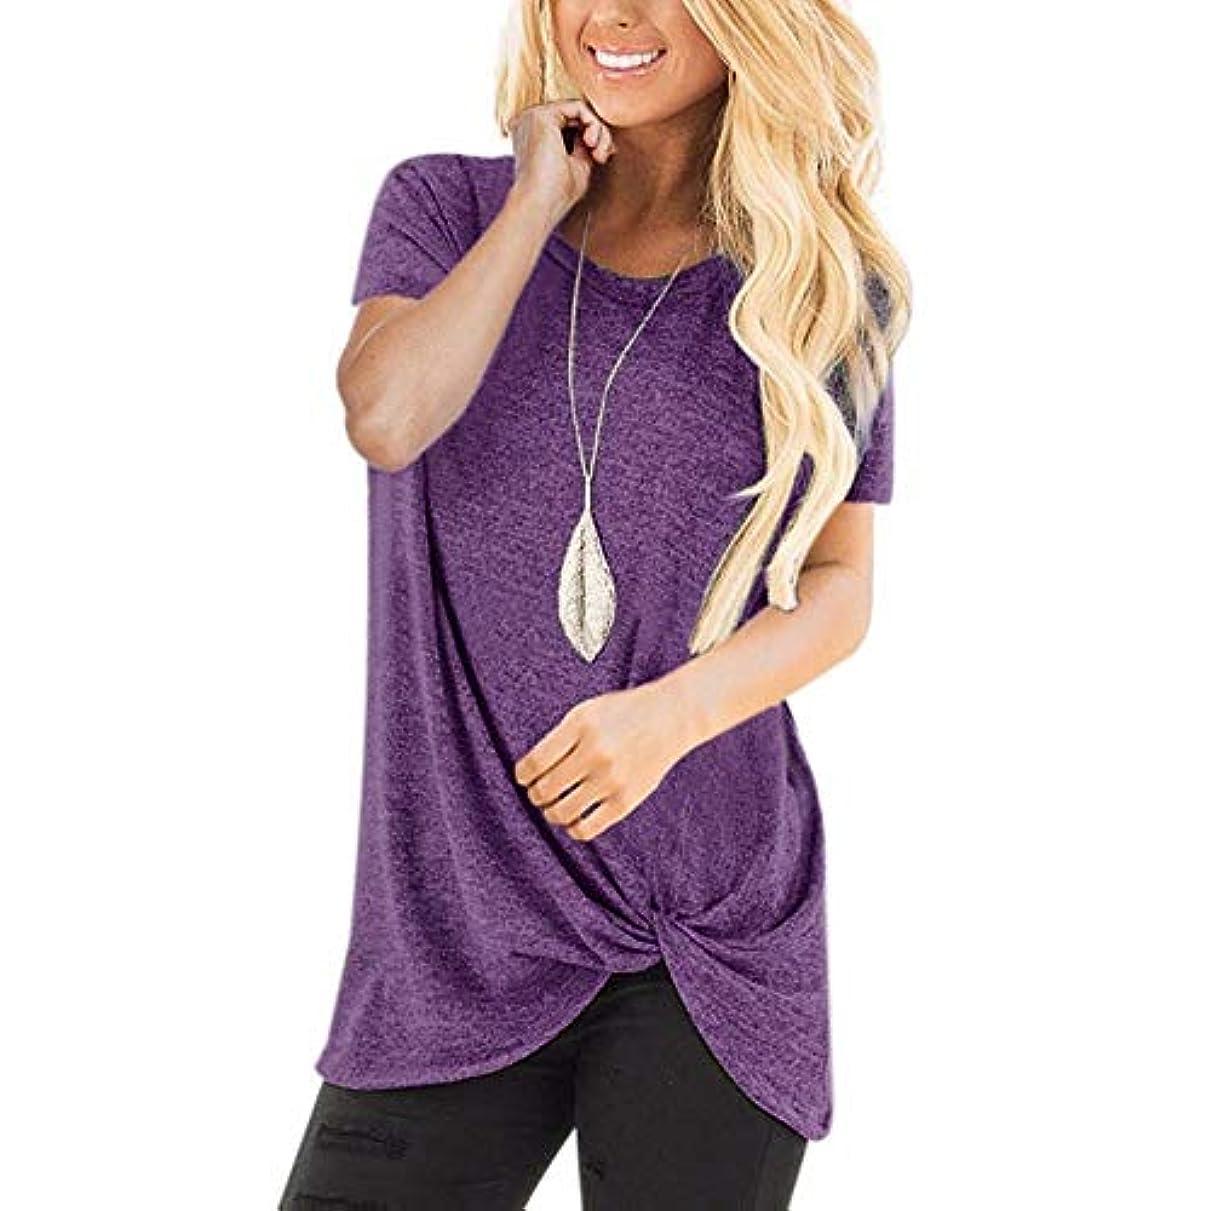 笑変動する分泌するMIFAN コットンTシャツ、カジュアルTシャツ、レディースブラウス、トップス&Tシャツ、プラスサイズ、ルーズtシャツ